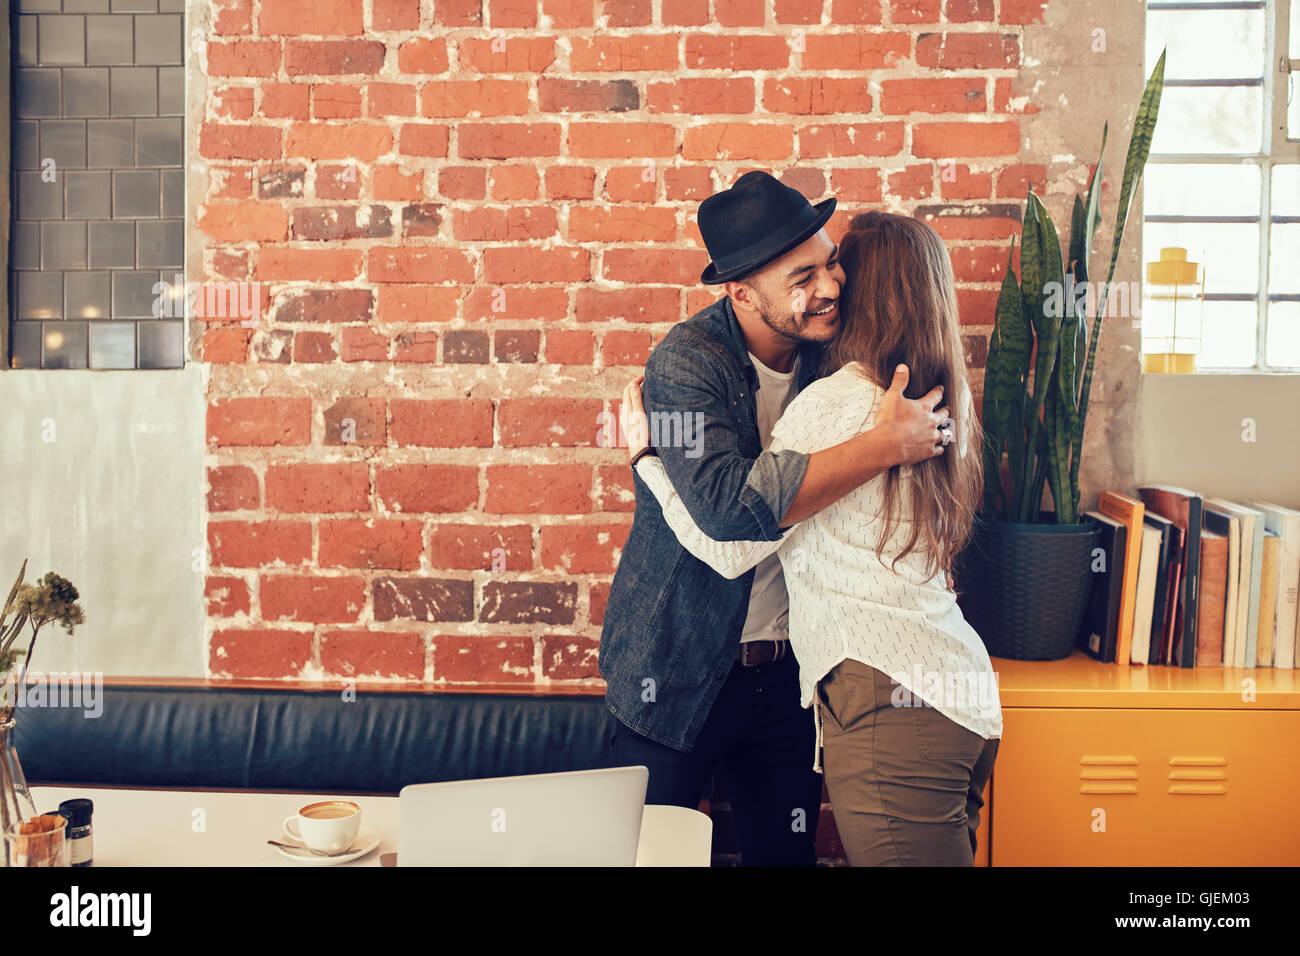 Porträt des jungen Mann eine Frau im Café Gruß. Junger Mann umarmt seine Freundin in einem Café. Stockfoto